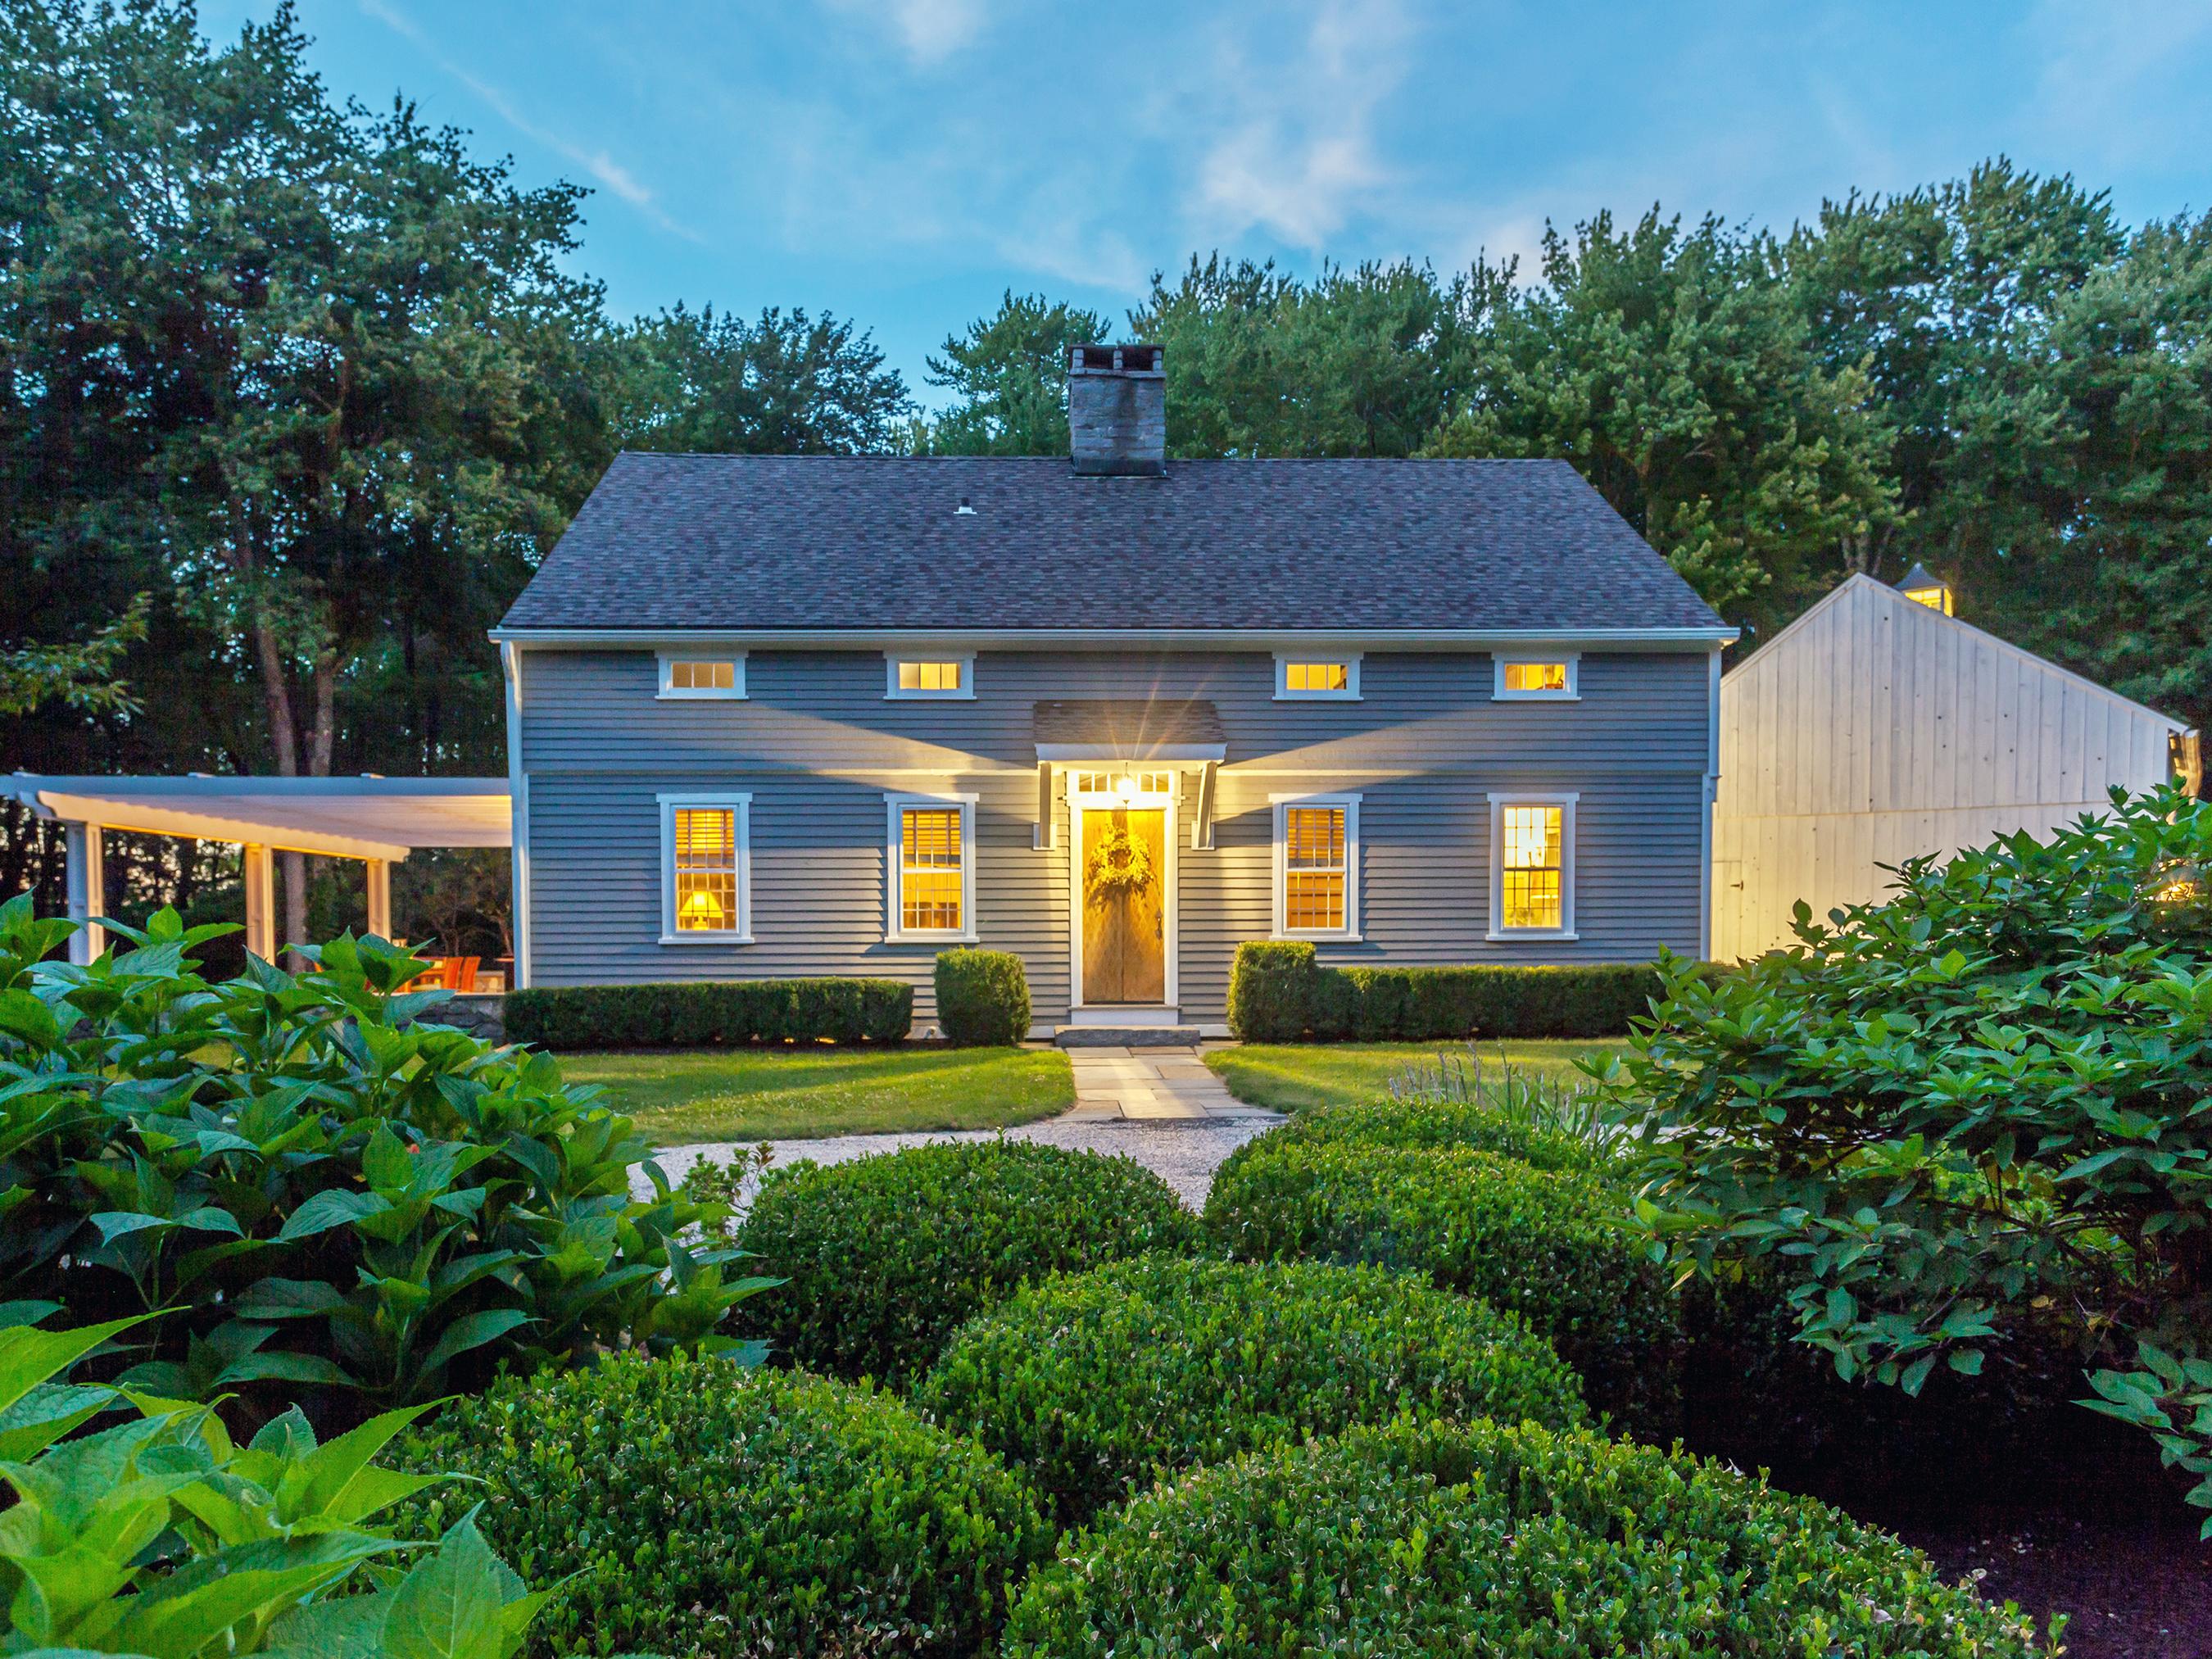 Casa Unifamiliar por un Venta en Charming Cape 257 Good Hill Rd Roxbury, Connecticut, 06783 Estados Unidos